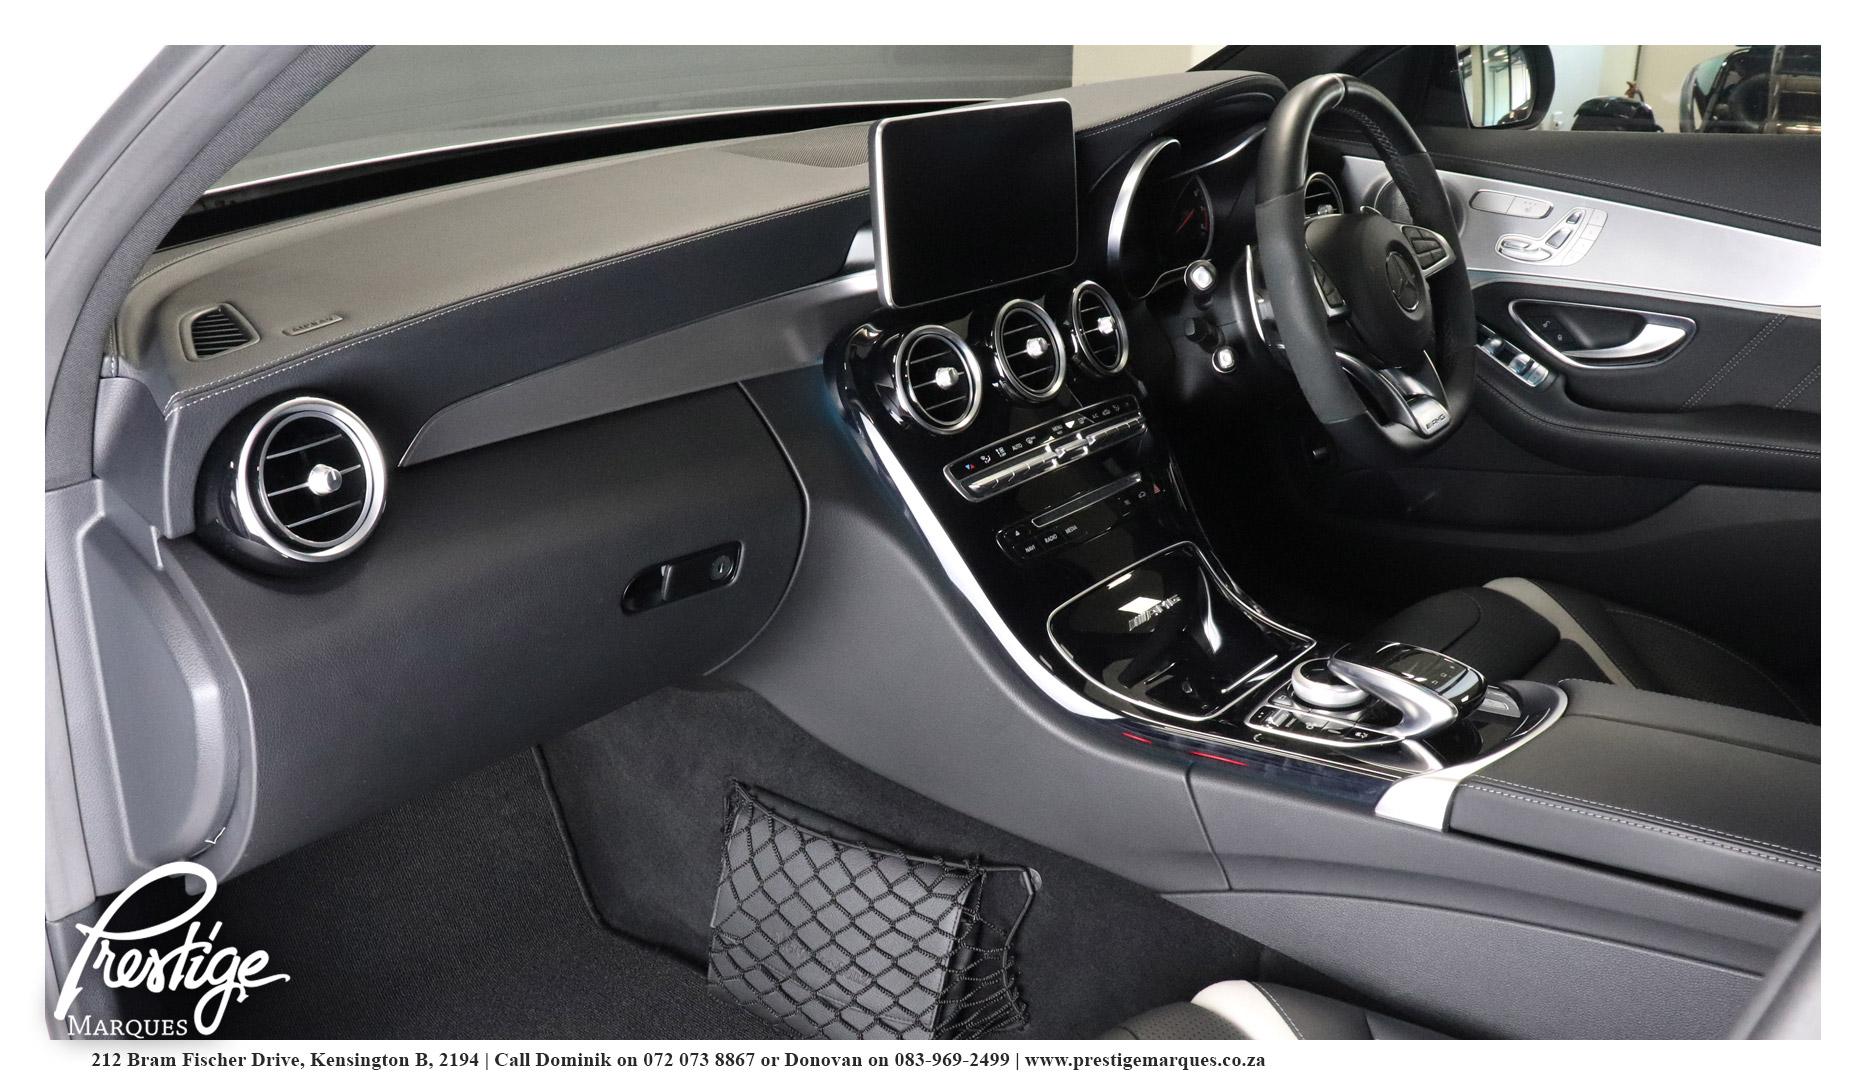 Mercedes-Benz-C63s-AMG-Prestige-Marques-14